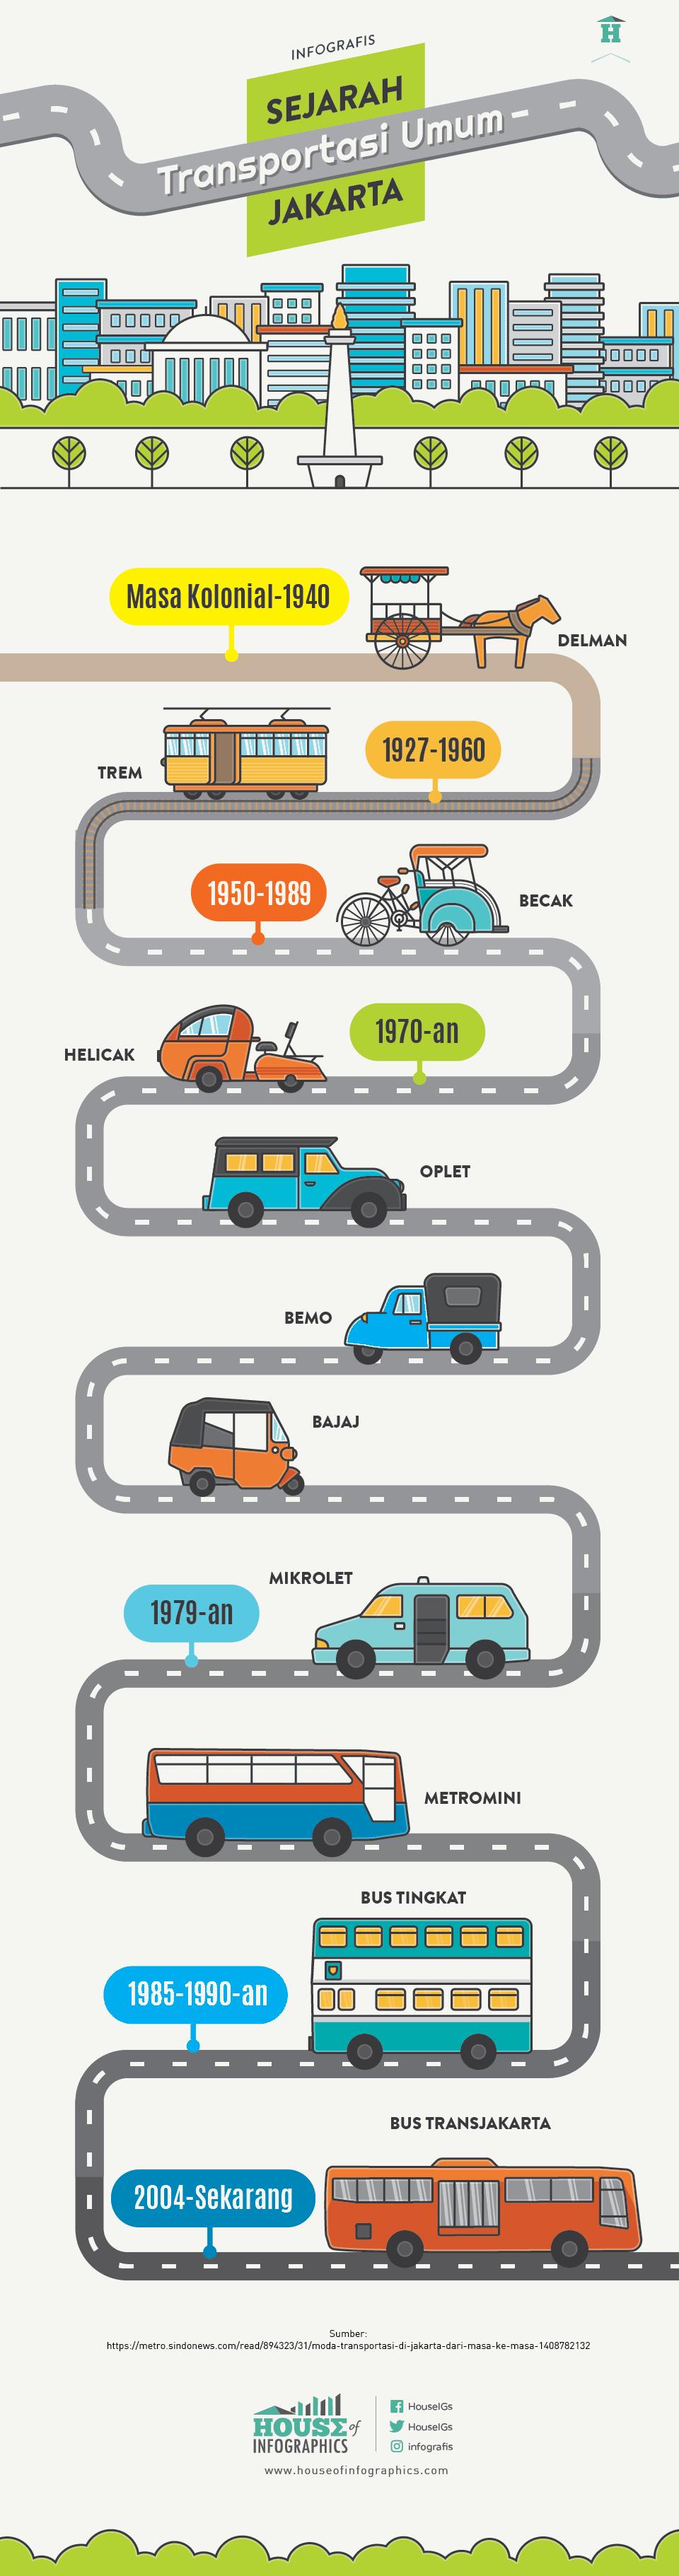 sejarah transportasi umum jakarta